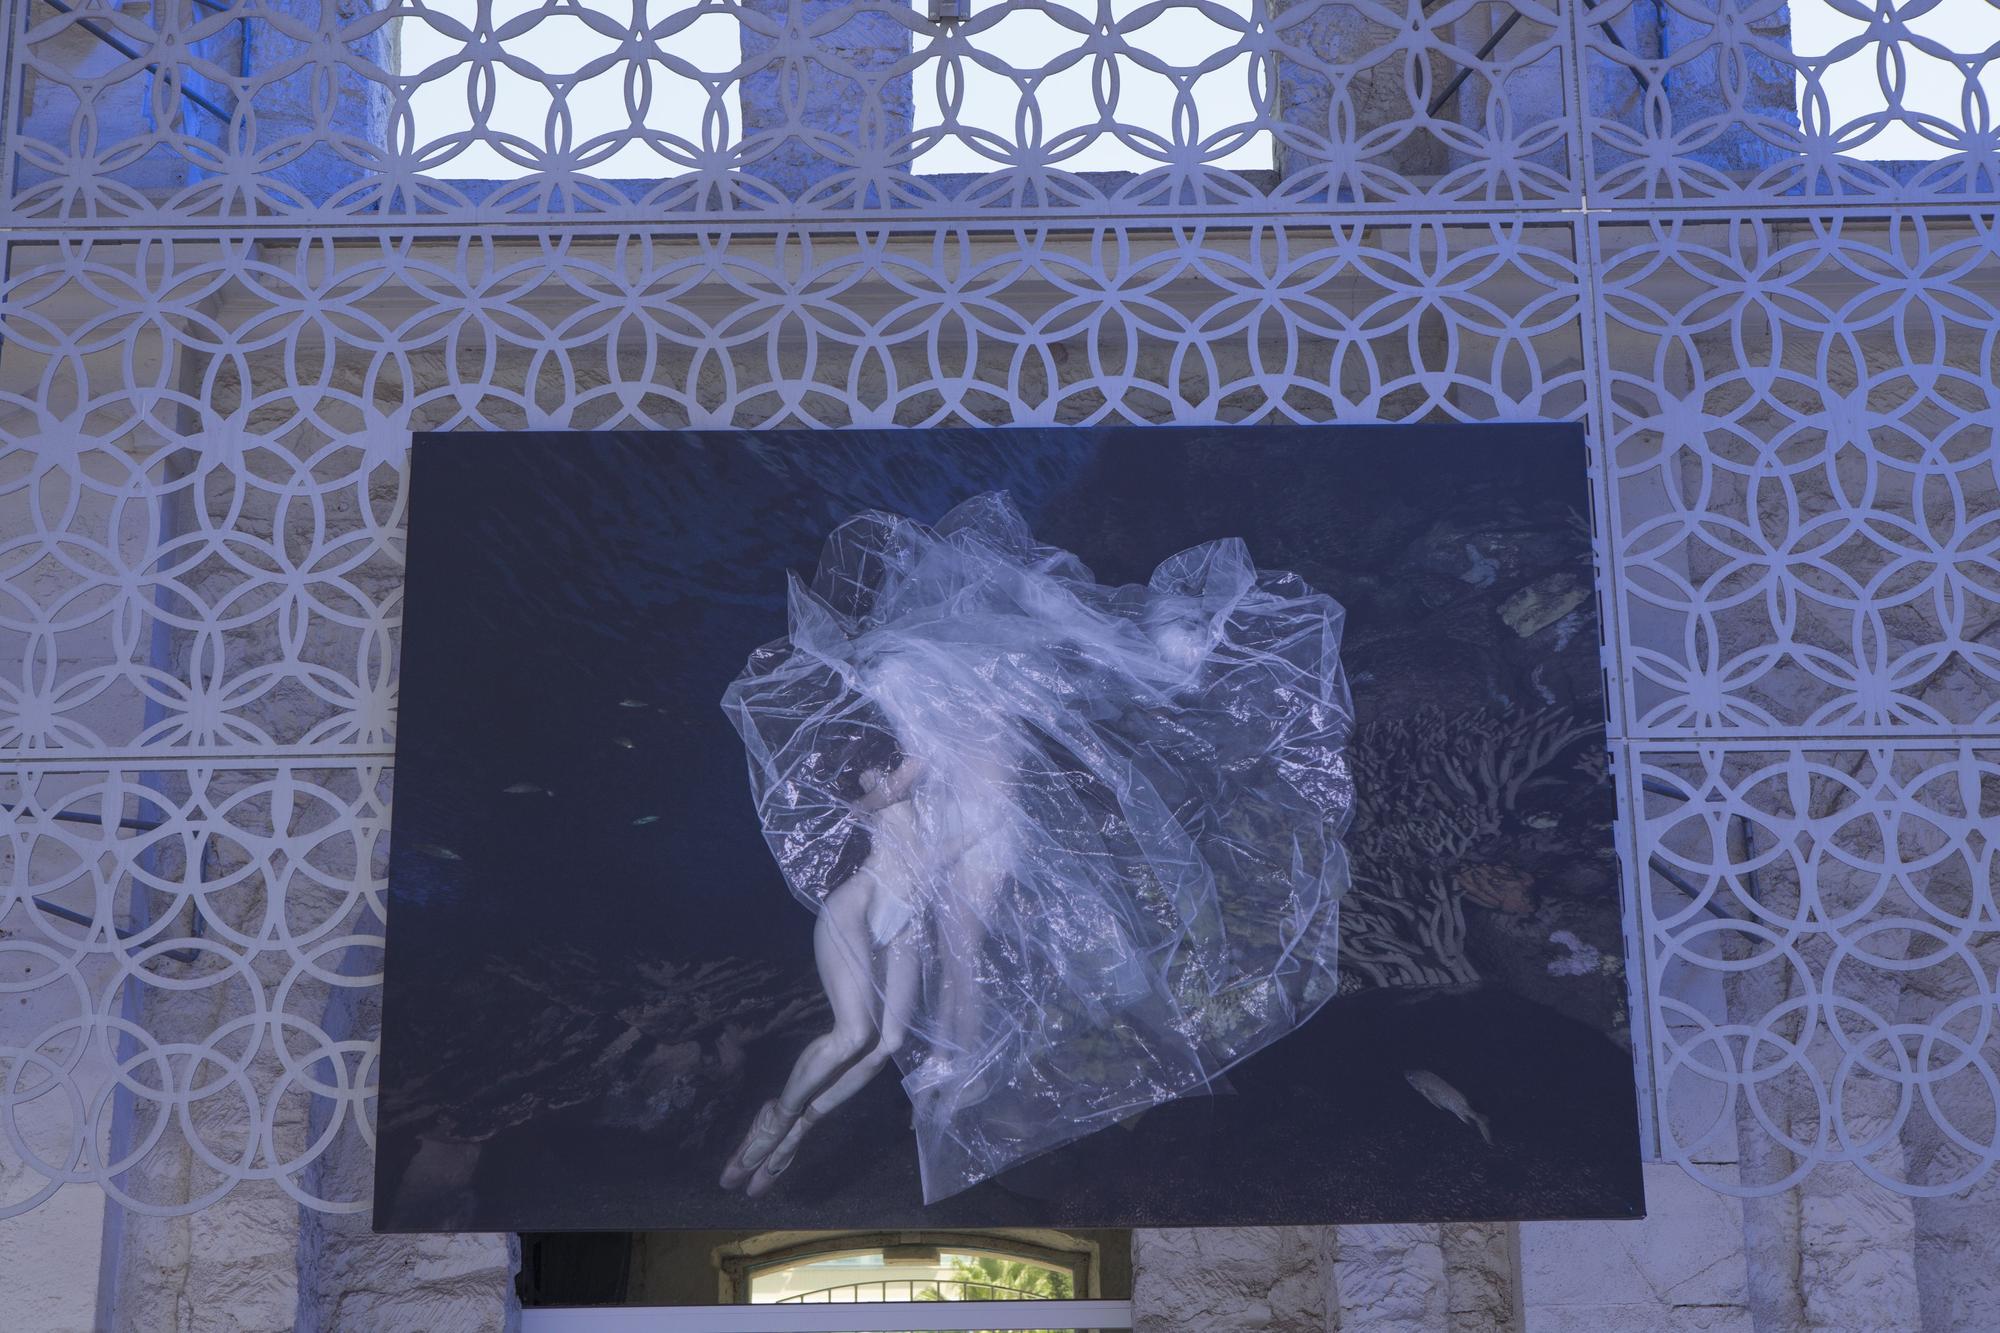 Exposición de Isabel Muñoz, Premio Nacional de Fotografía y dos veces World Press Photo, en Casa Mediterráneo